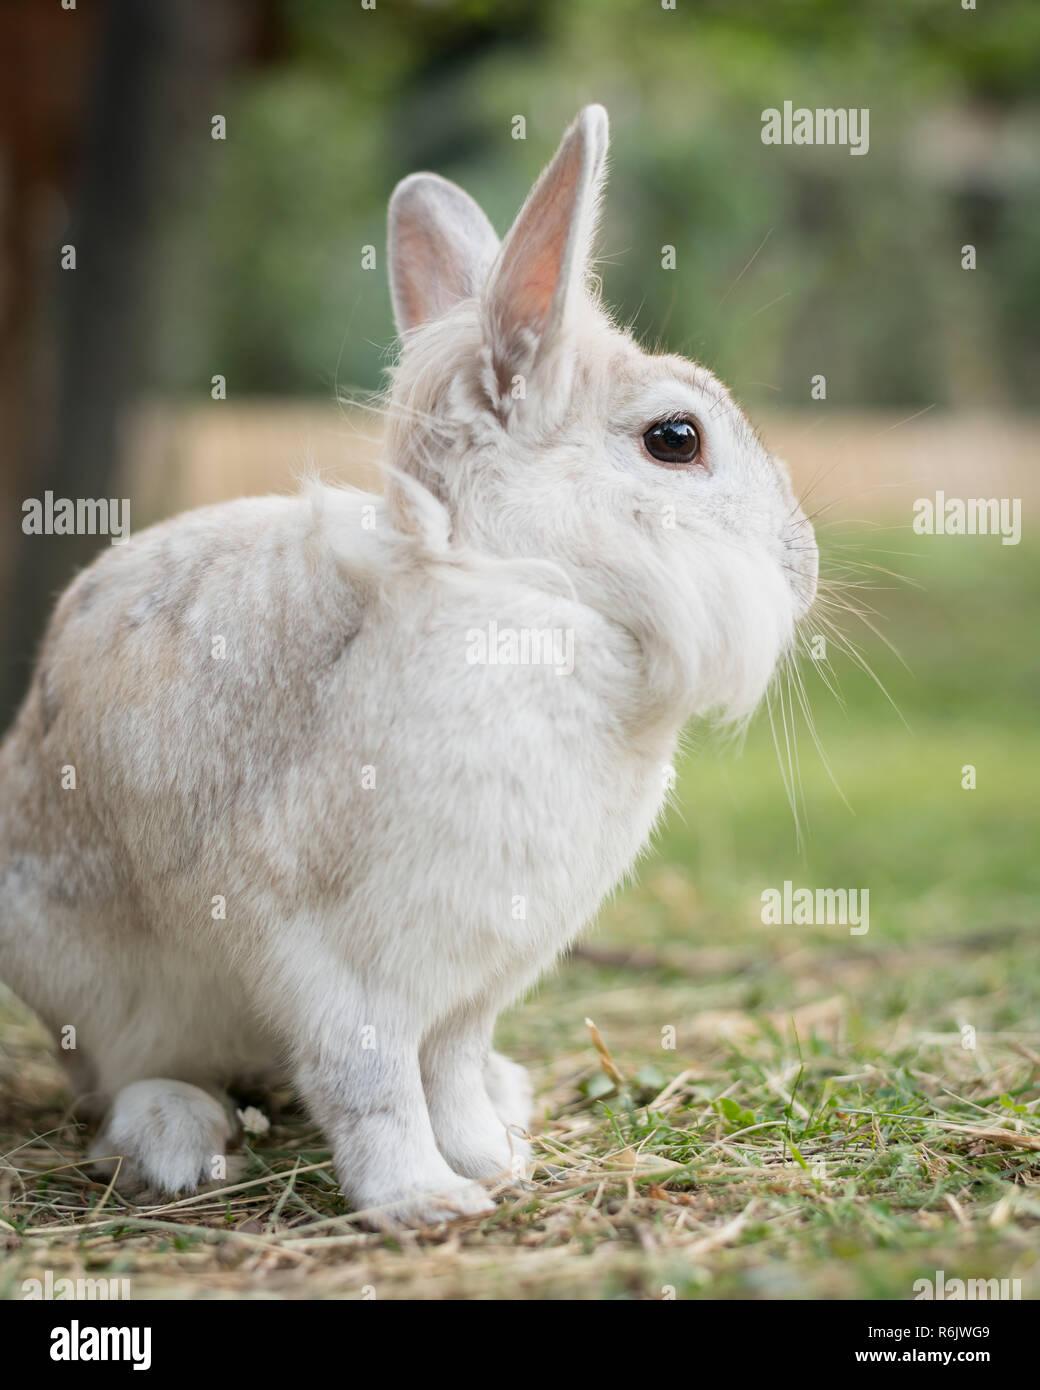 Un lapin nain blanc (lions head) assis dans l'herbe, manger Banque D'Images